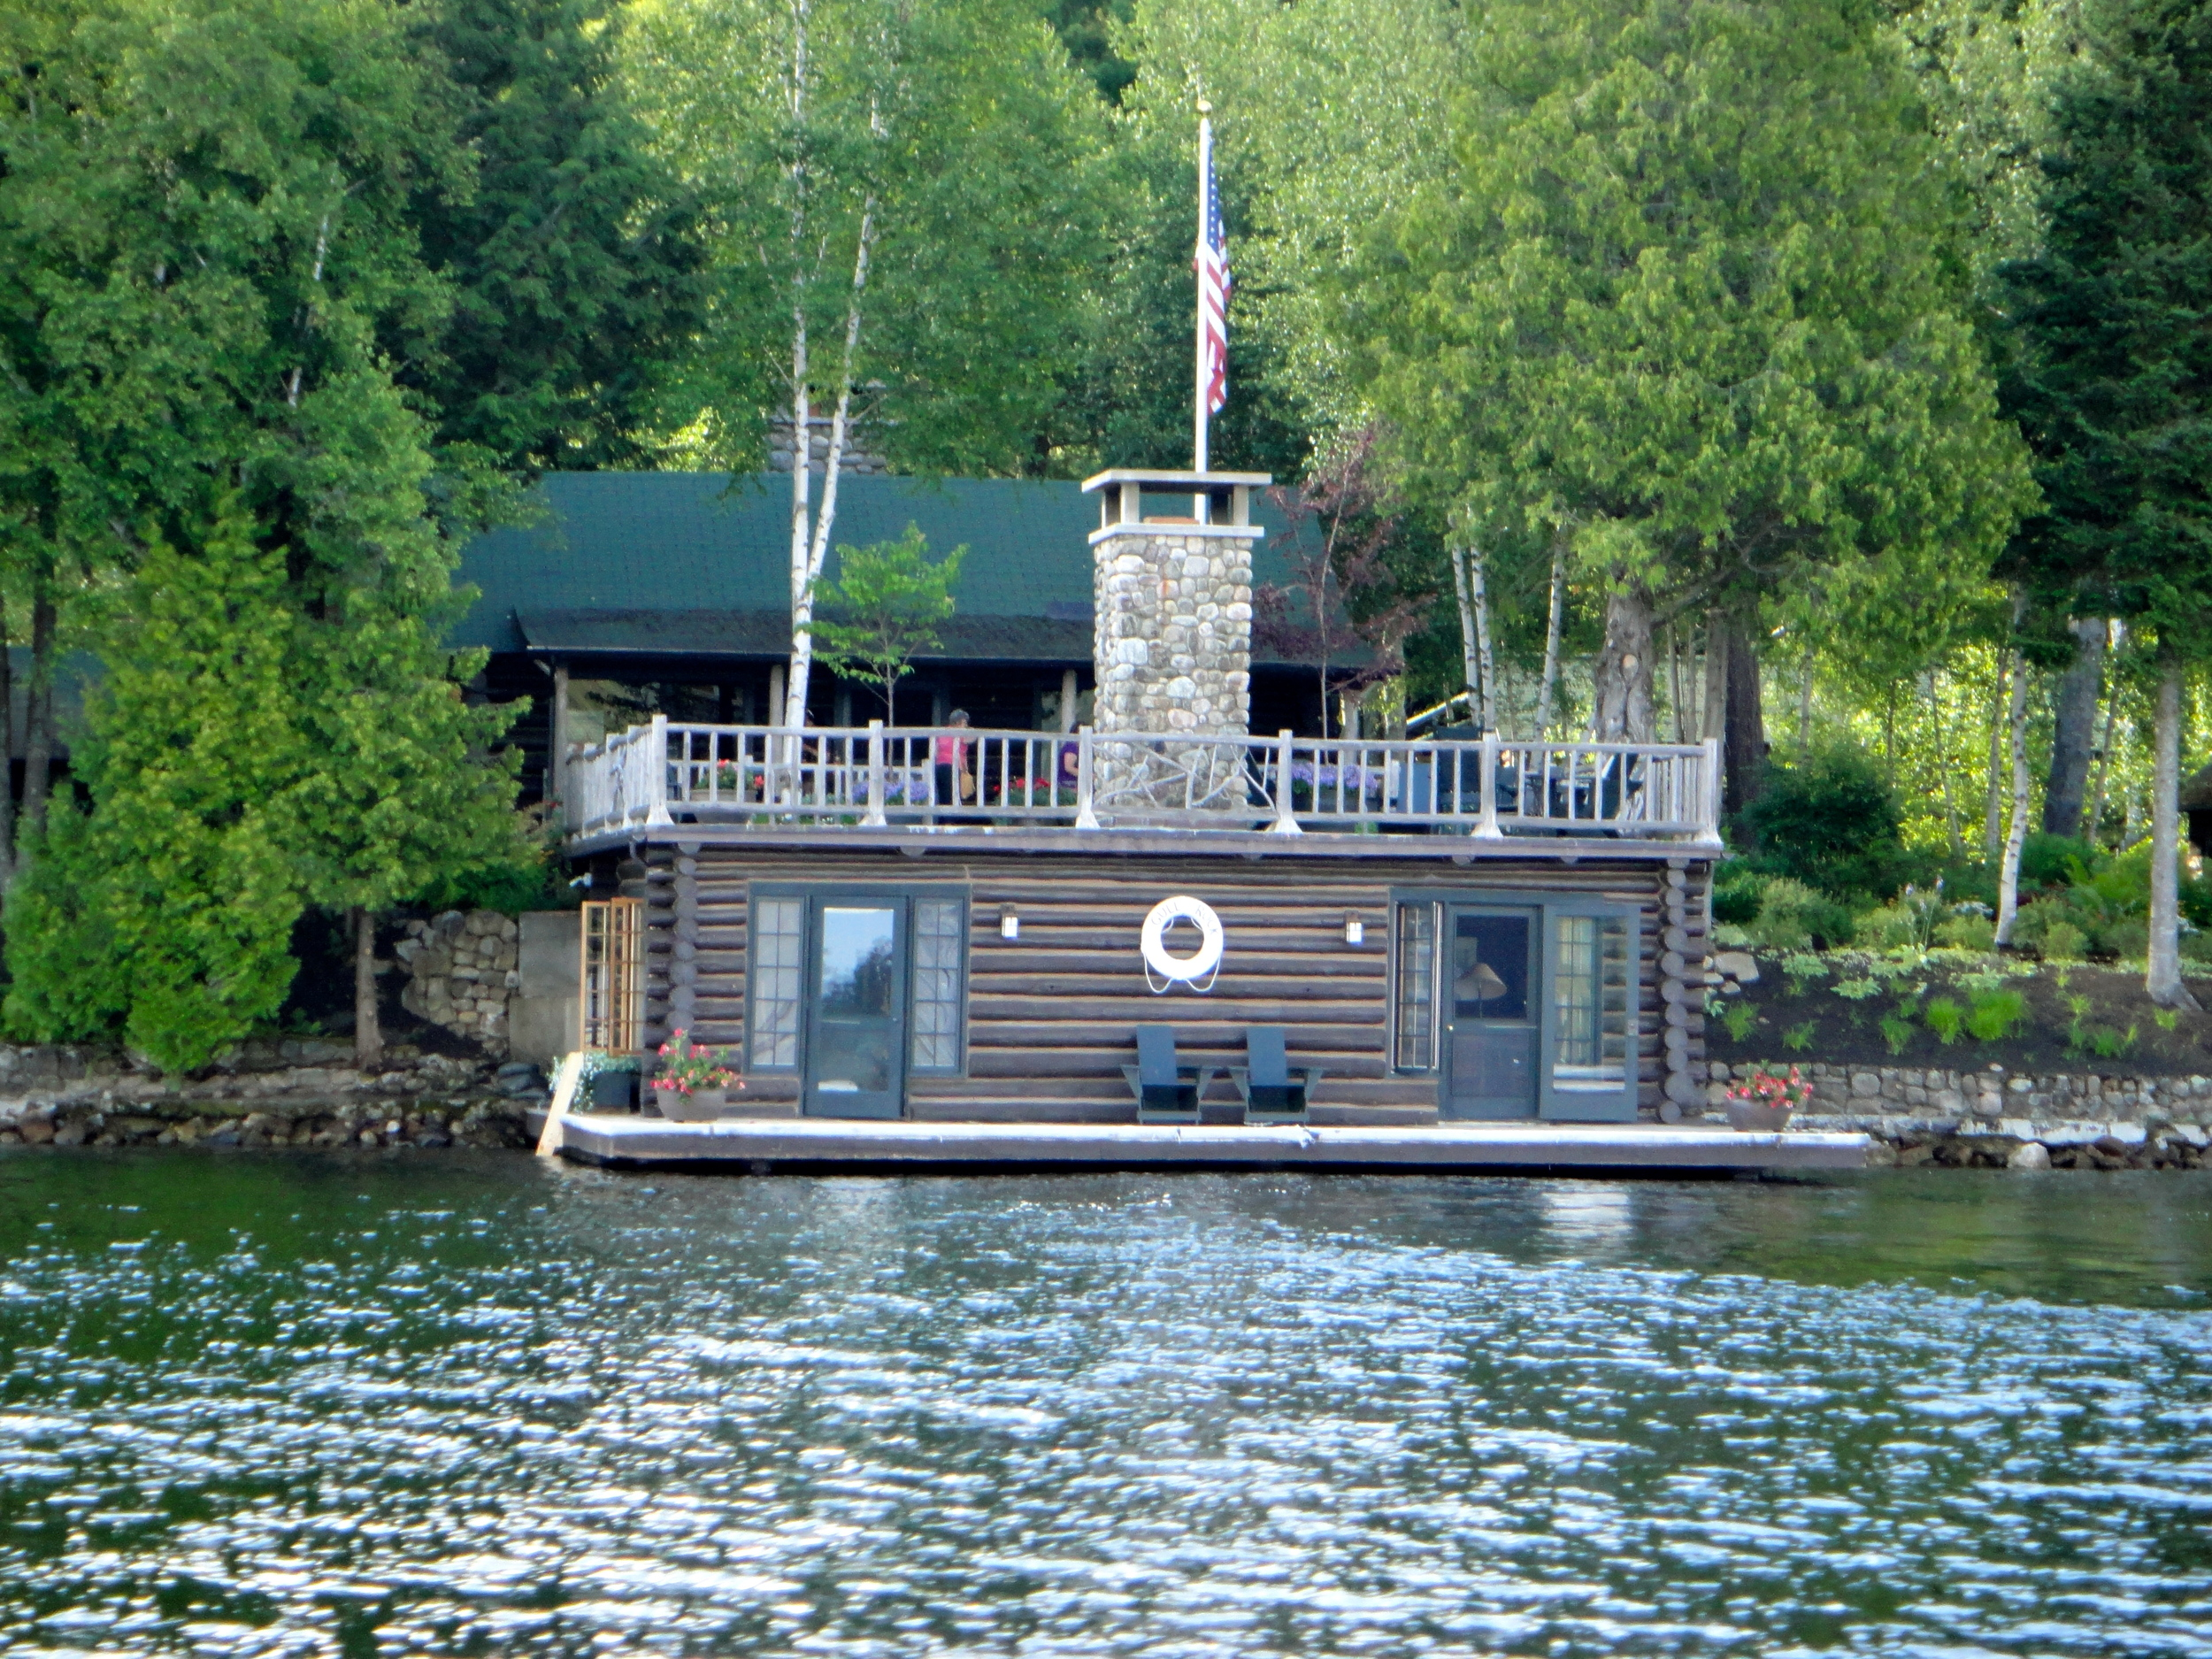 Lovely boathouse on Lake Placid